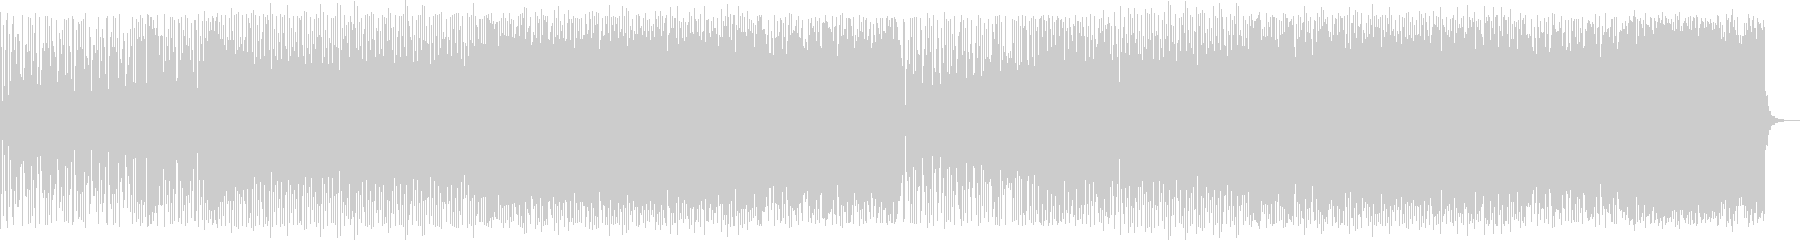 鮮明で煌びやかなポップハウス曲の未再生の波形